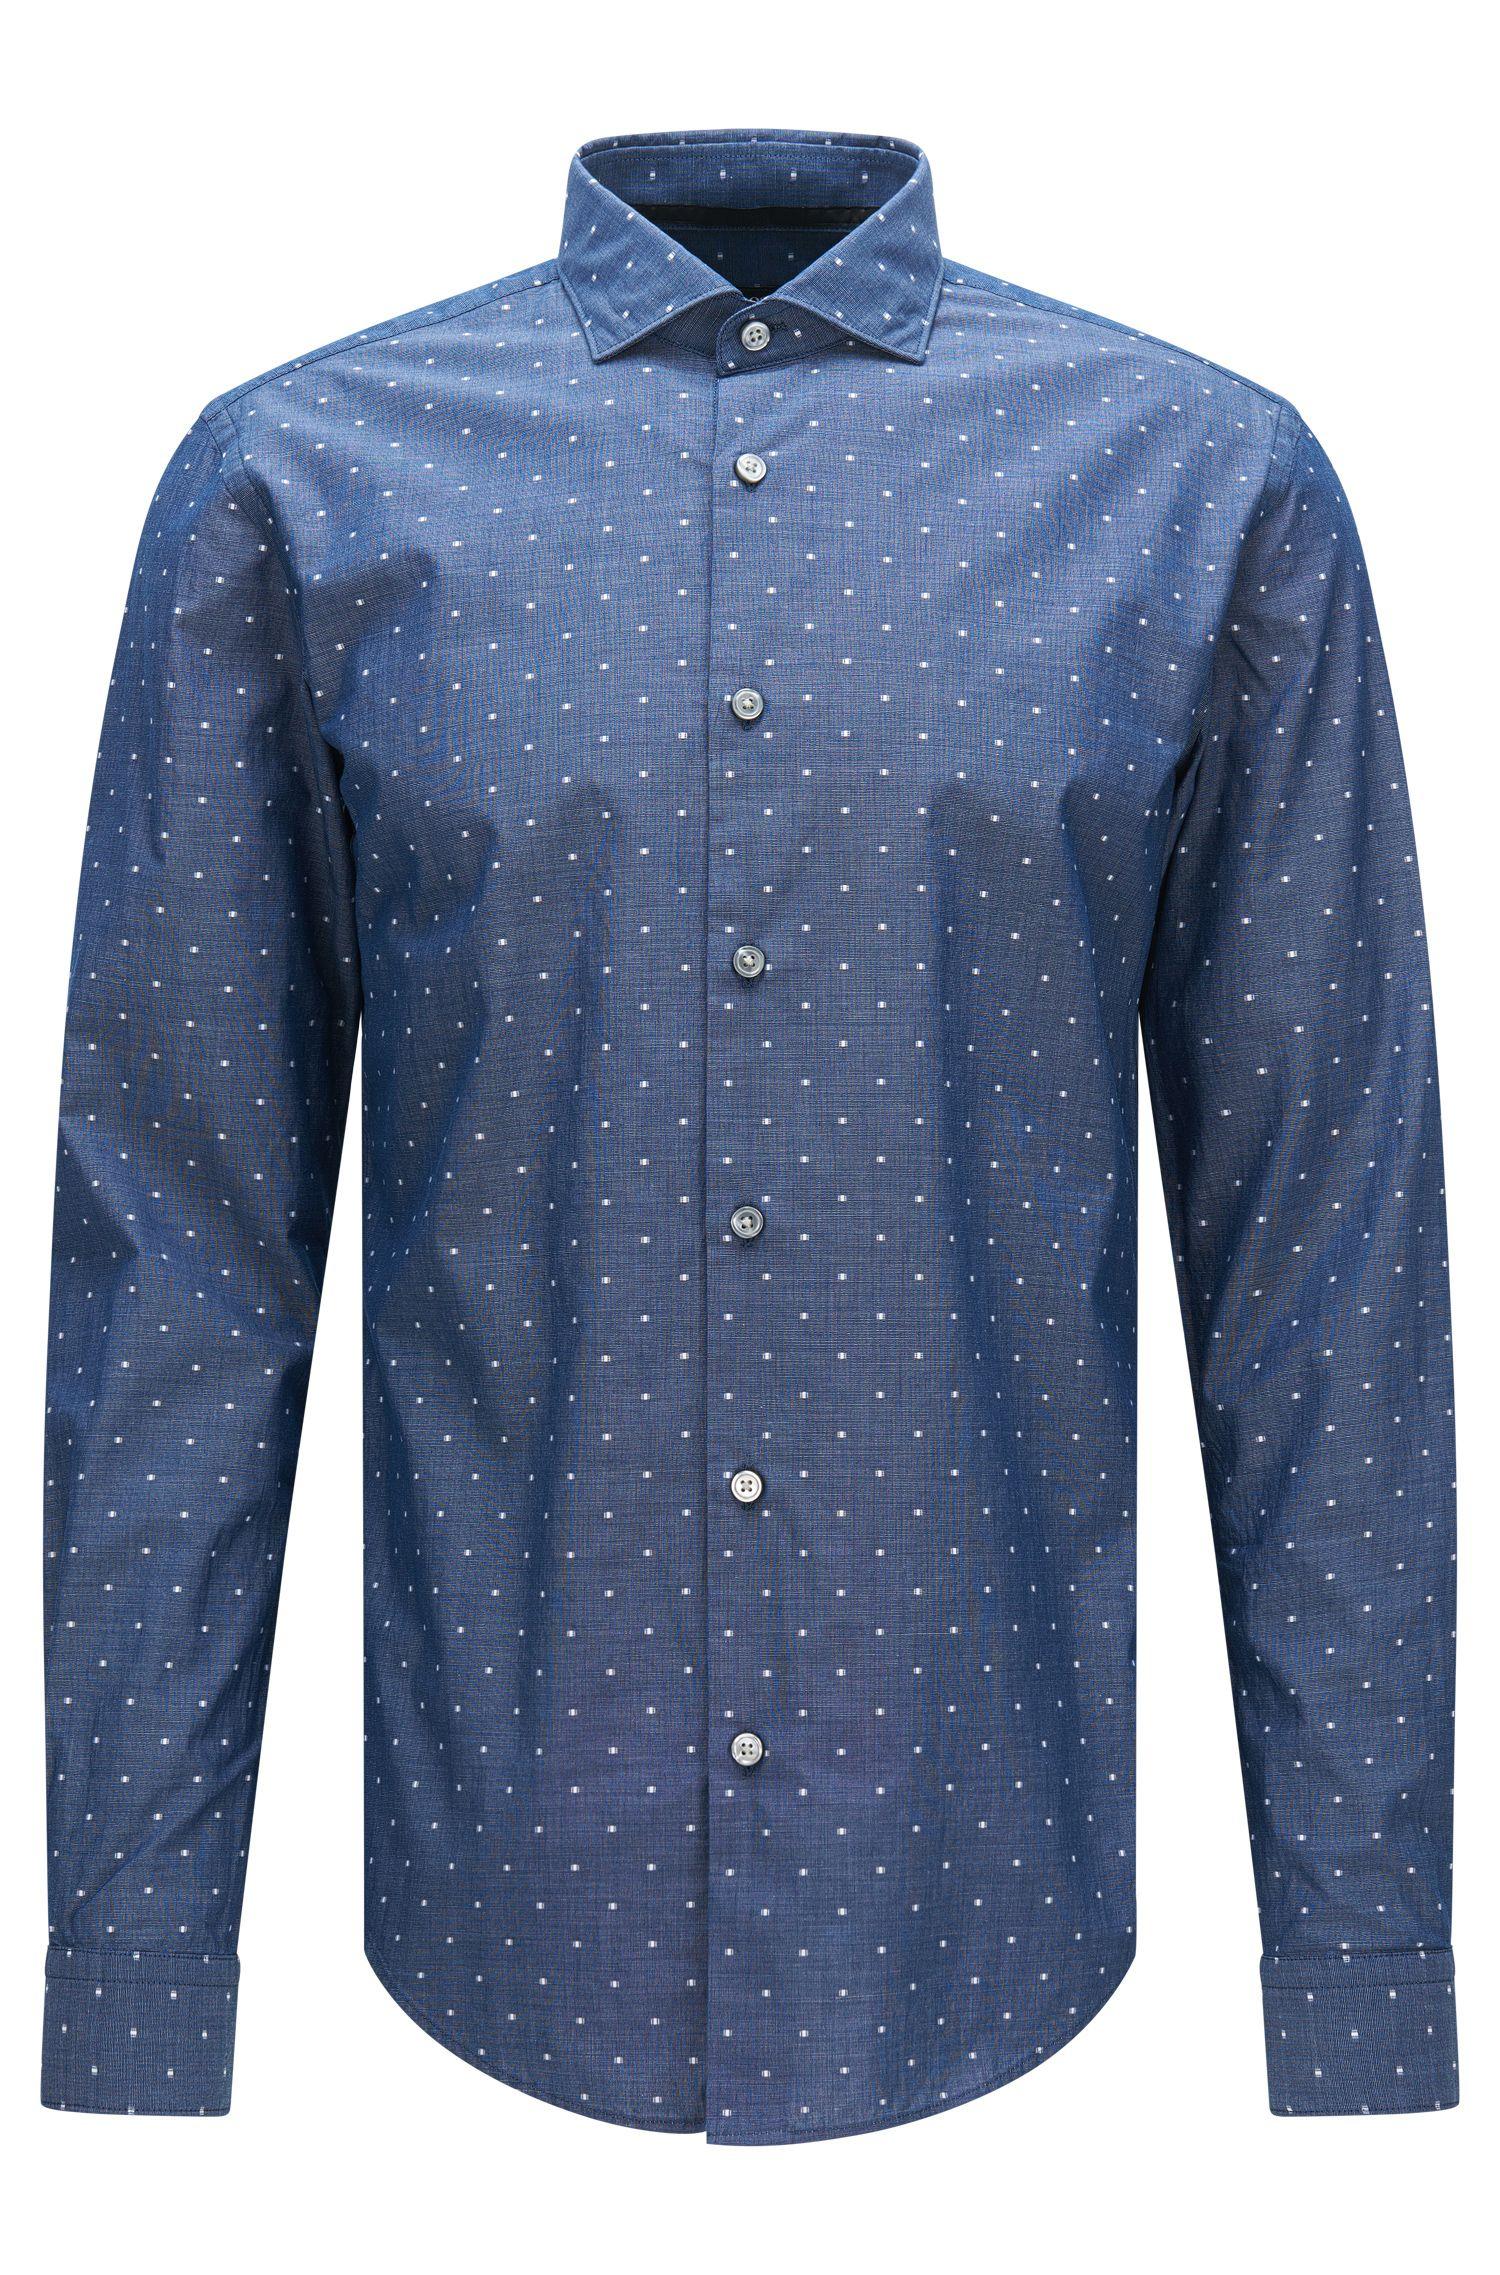 Gemustertes Slim-Fit Hemd aus Baumwolle mit Stick-Details: 'Ridley_F'